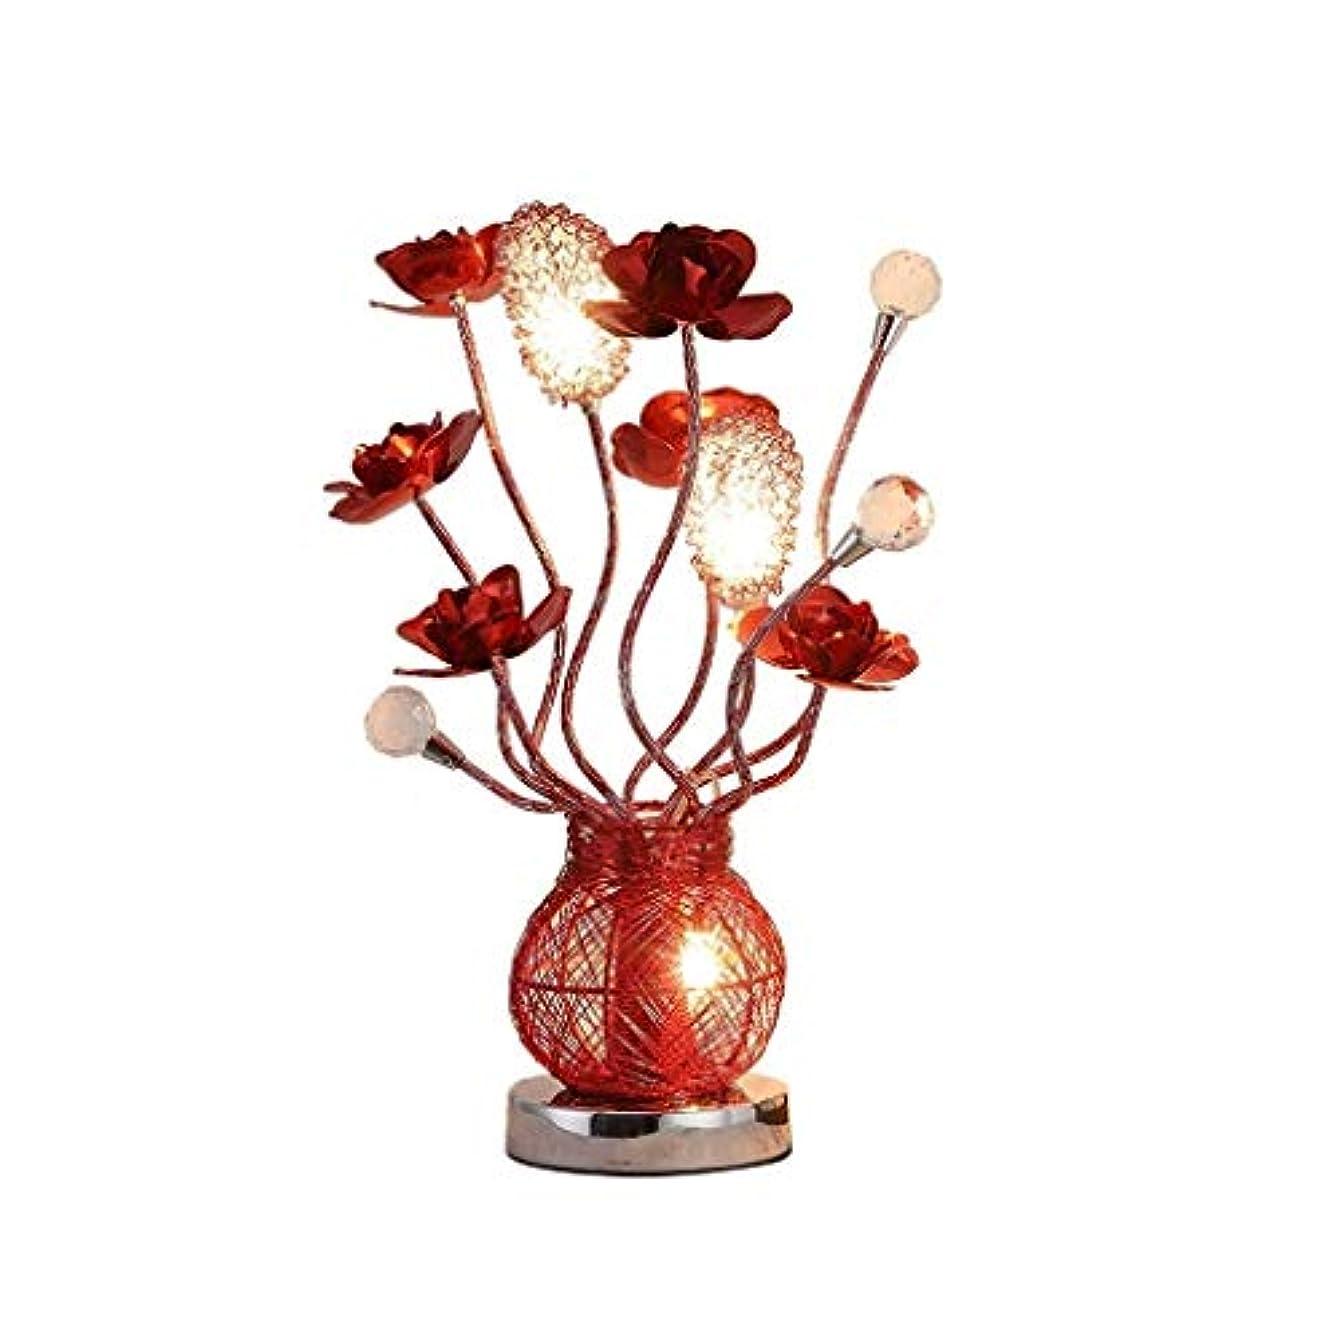 におい緯度壊滅的な高品質テーブルランプ 創造的な寝室のベッドサイドクリスタルテーブルランプヨーロッパの赤いバラのギフトLEDナイトライト エネルギーを節約